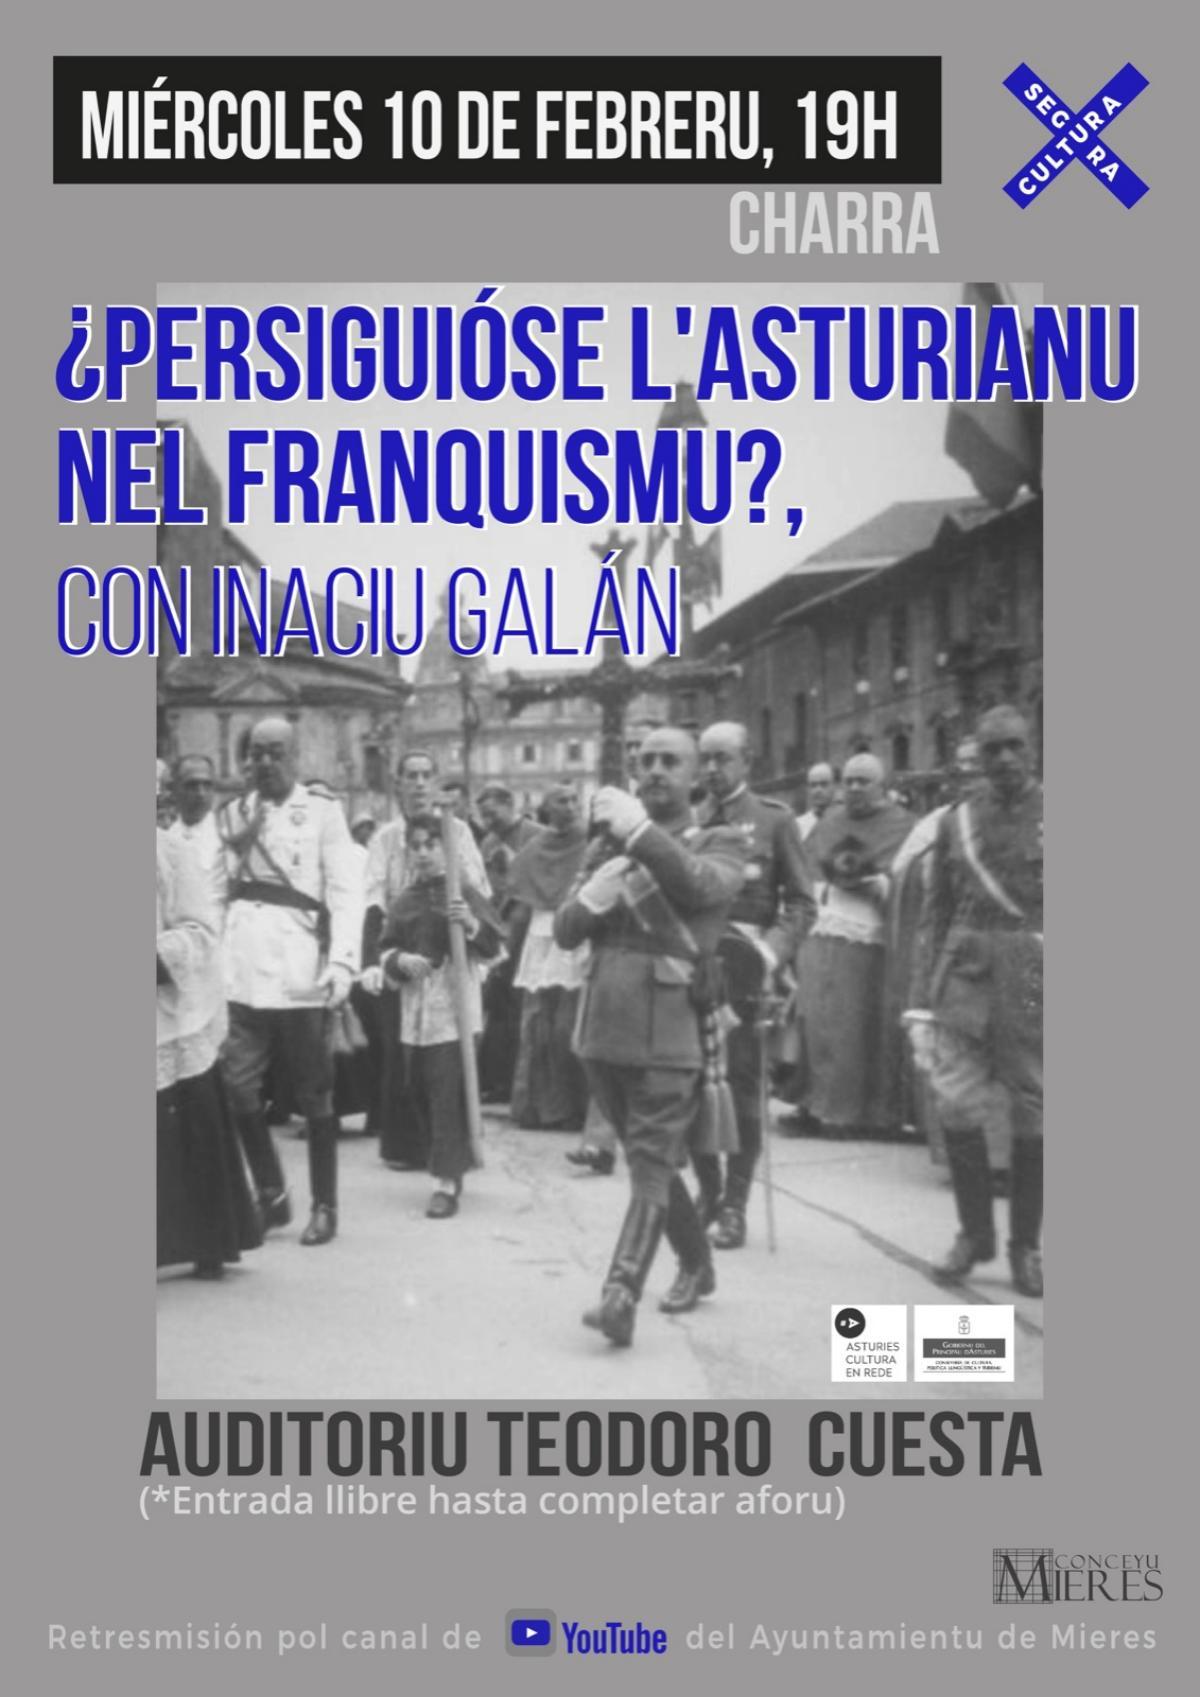 Conferencia Miércoles10 De Febrero Asturianu Franquismo